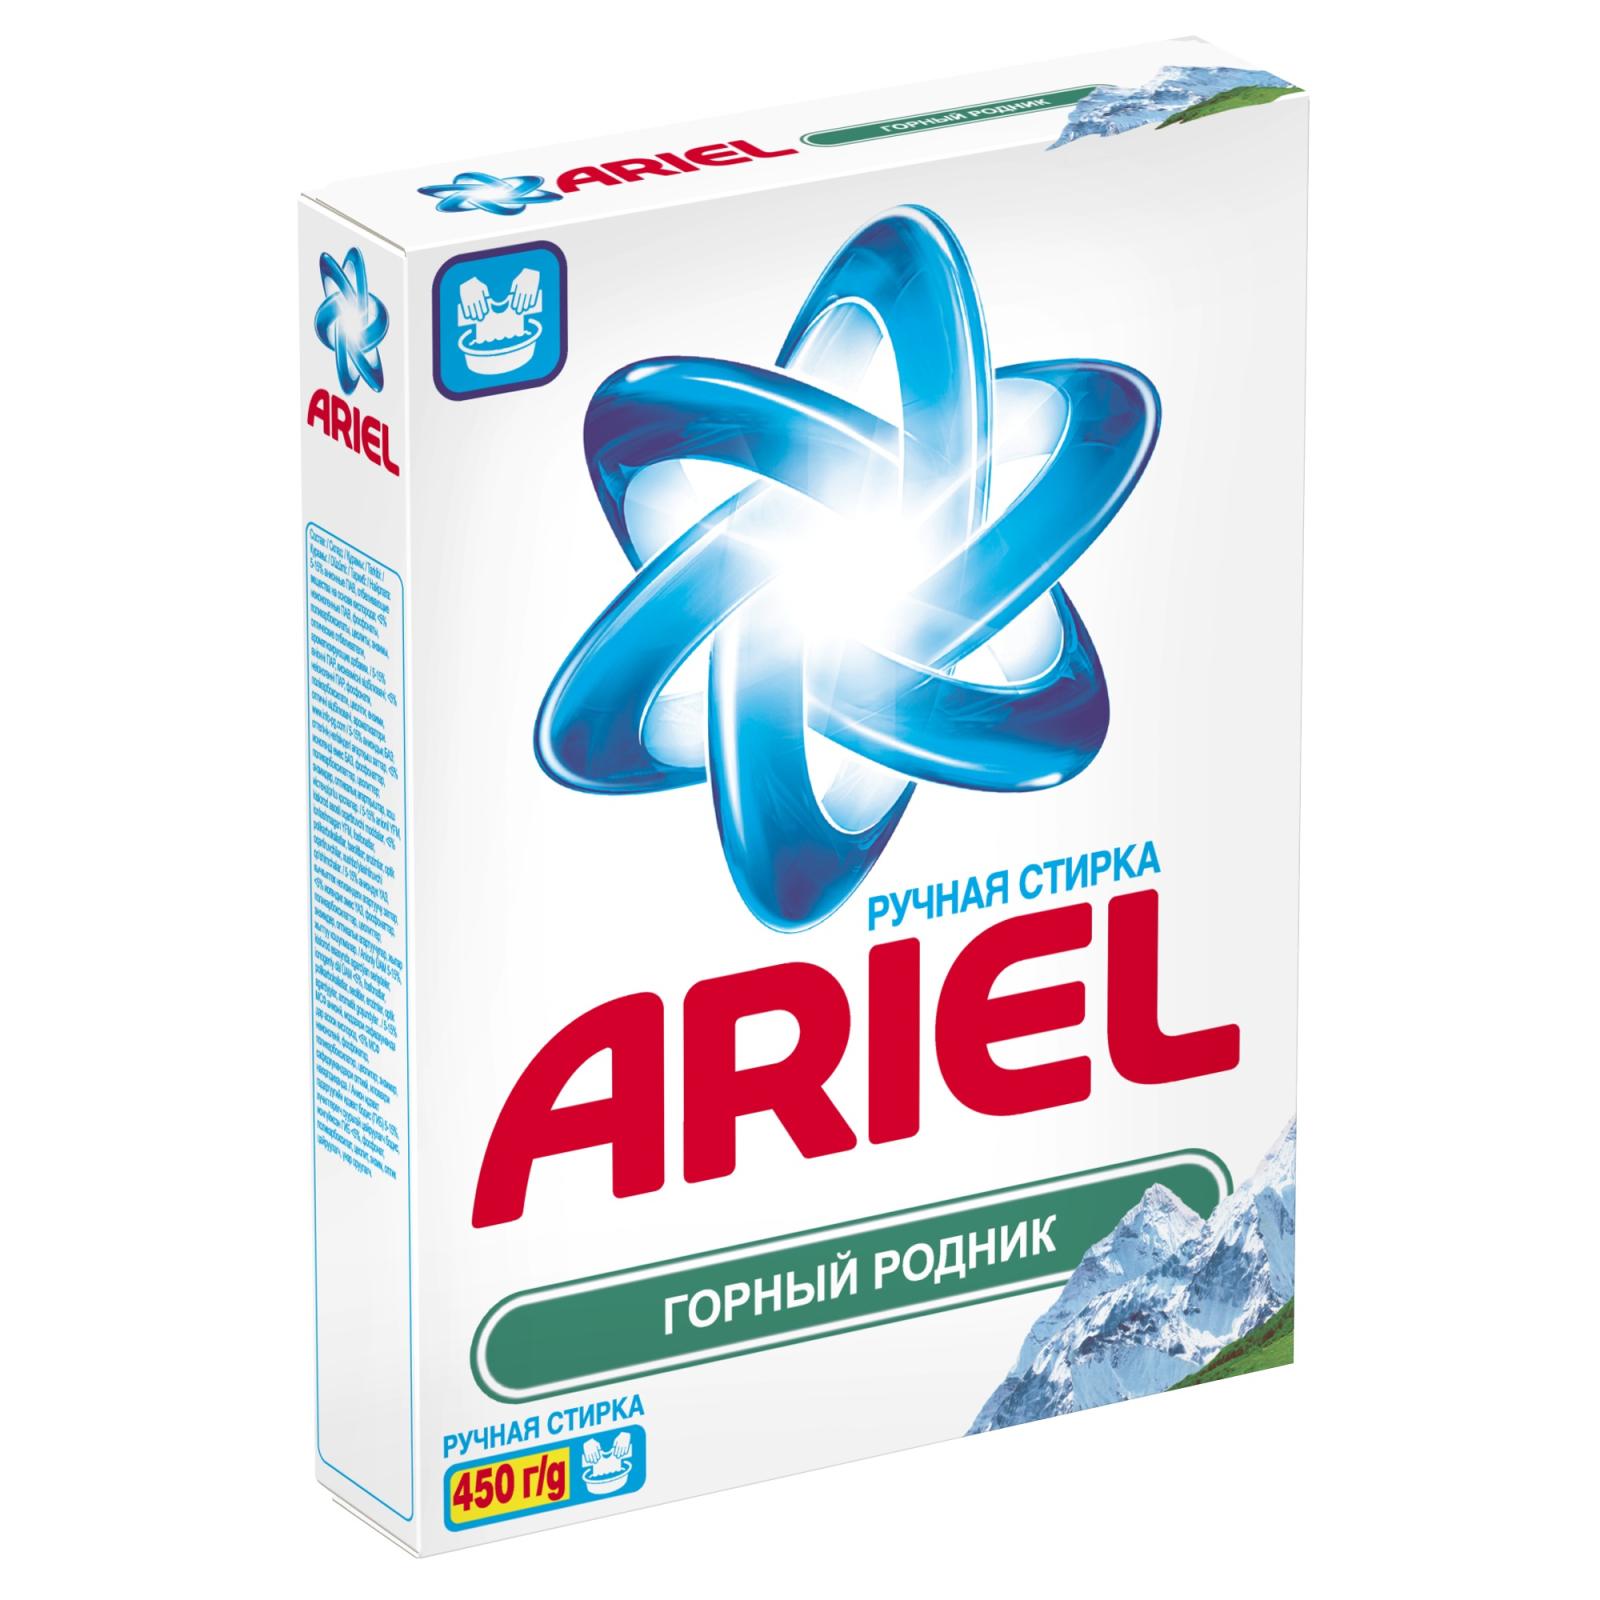 Стиральный порошок Ariel Горный Родник 450 г (5413149032224)